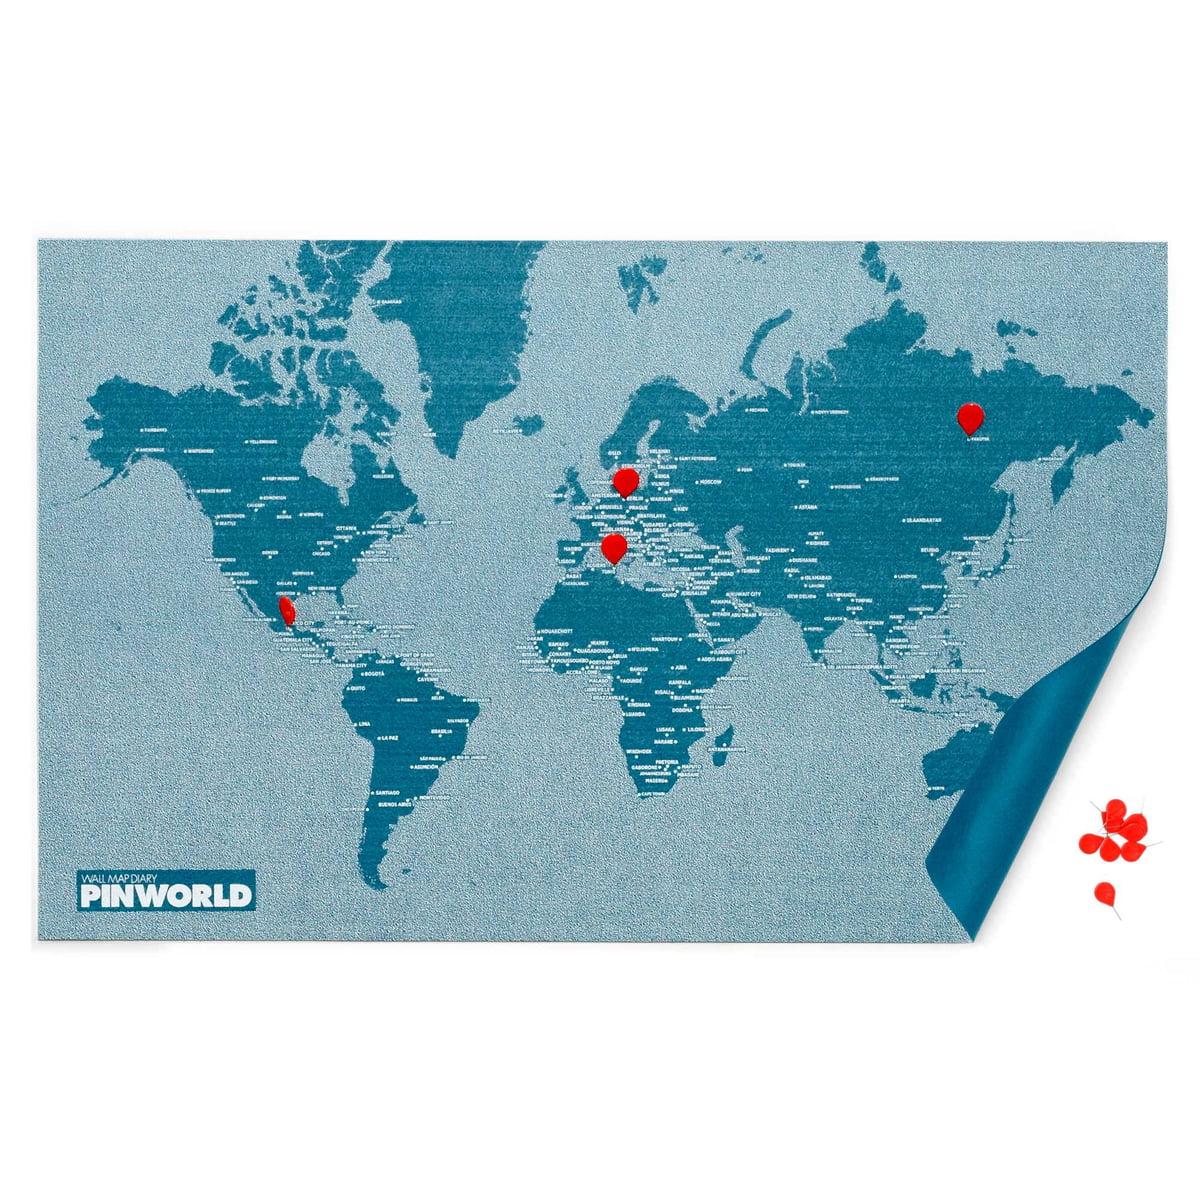 pin world map